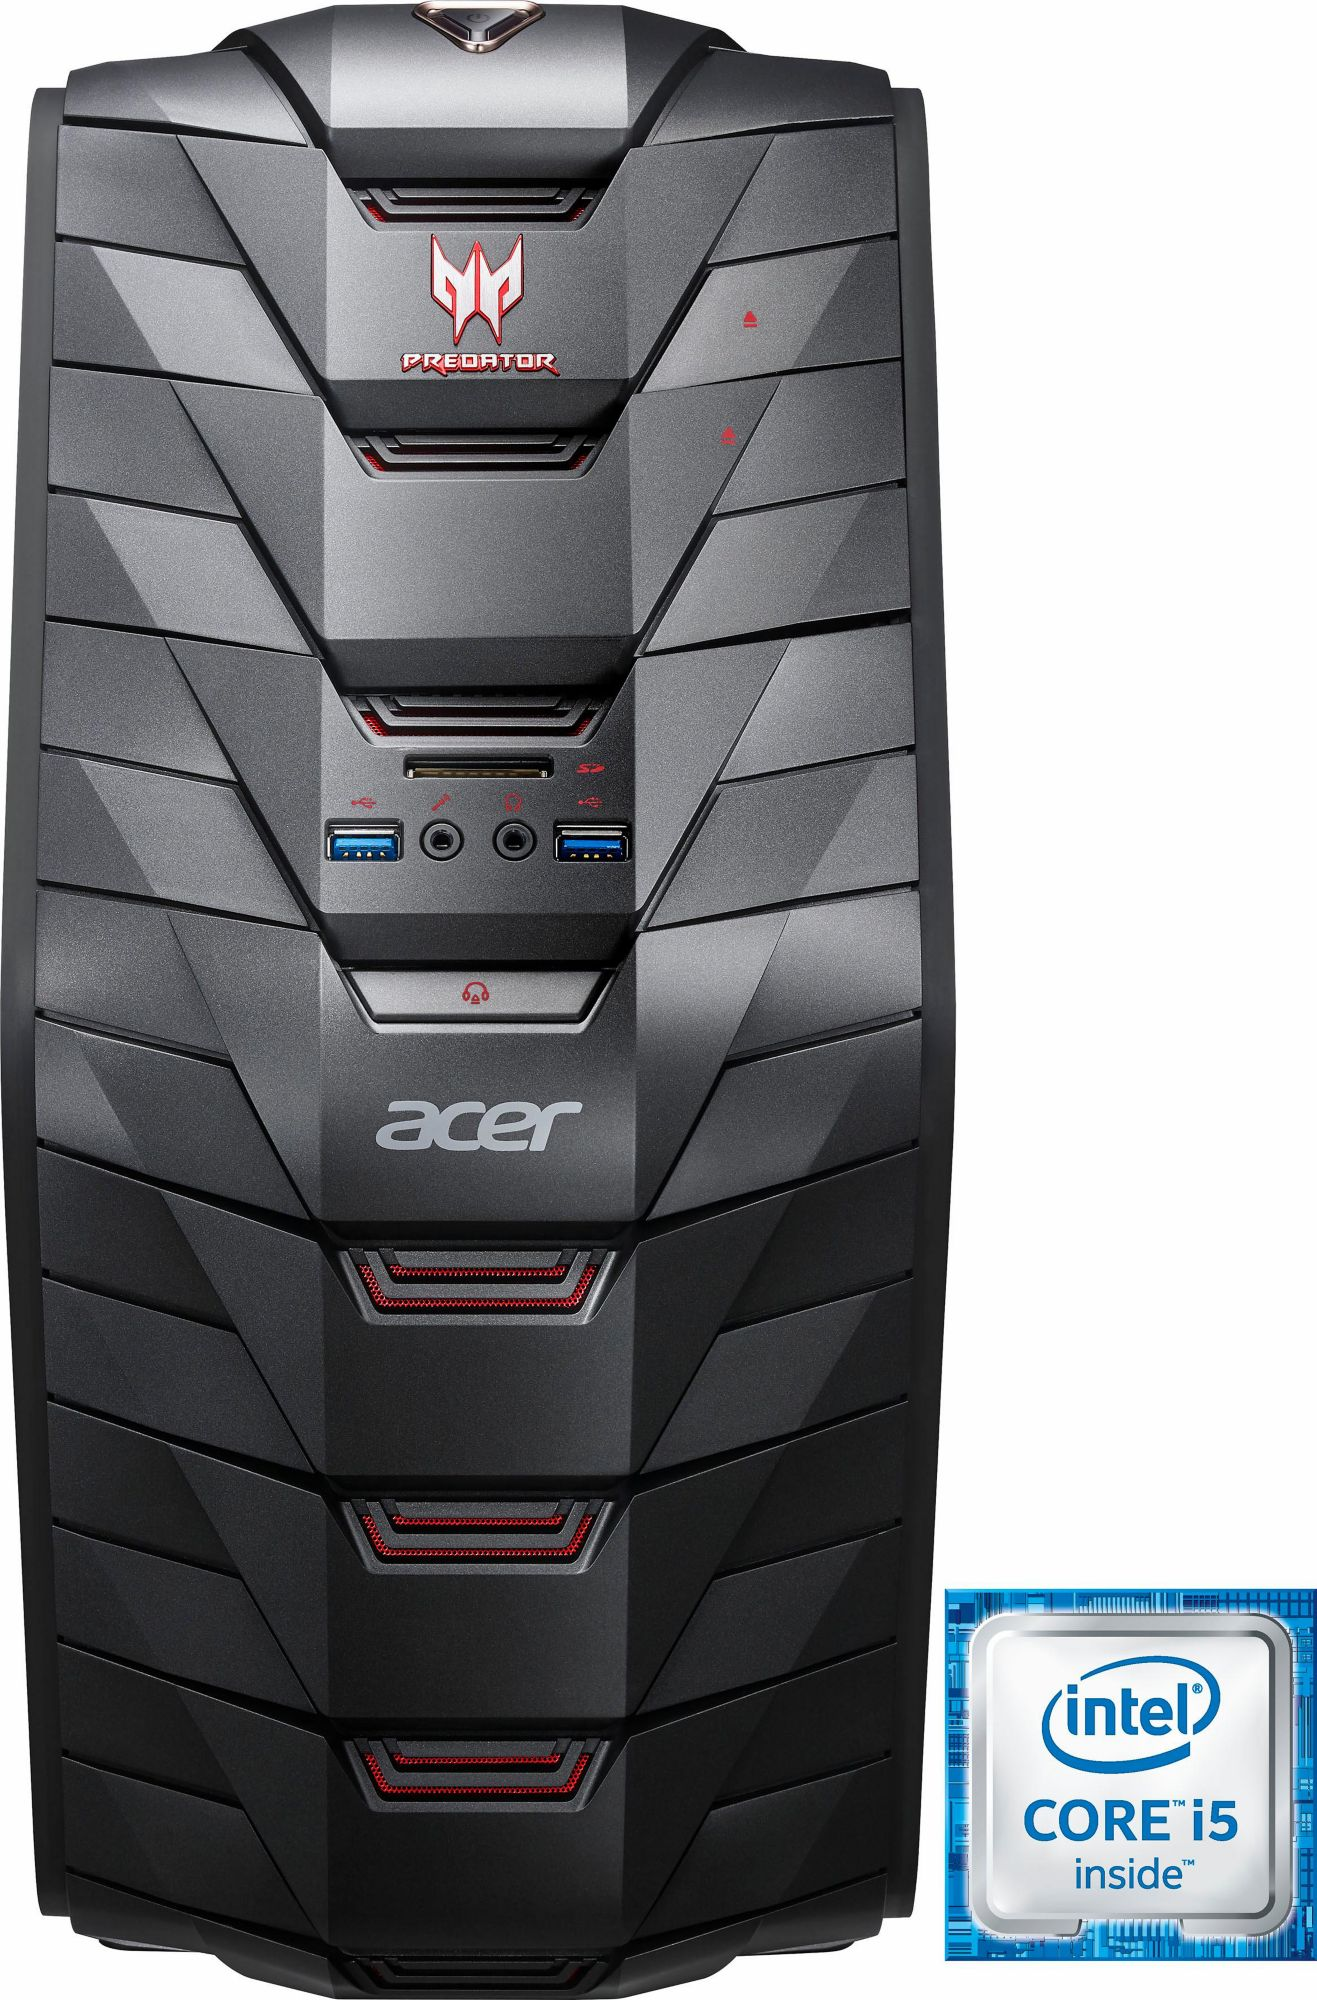 ACER Acer Predator G3-710 DG.E08EG.030 W10